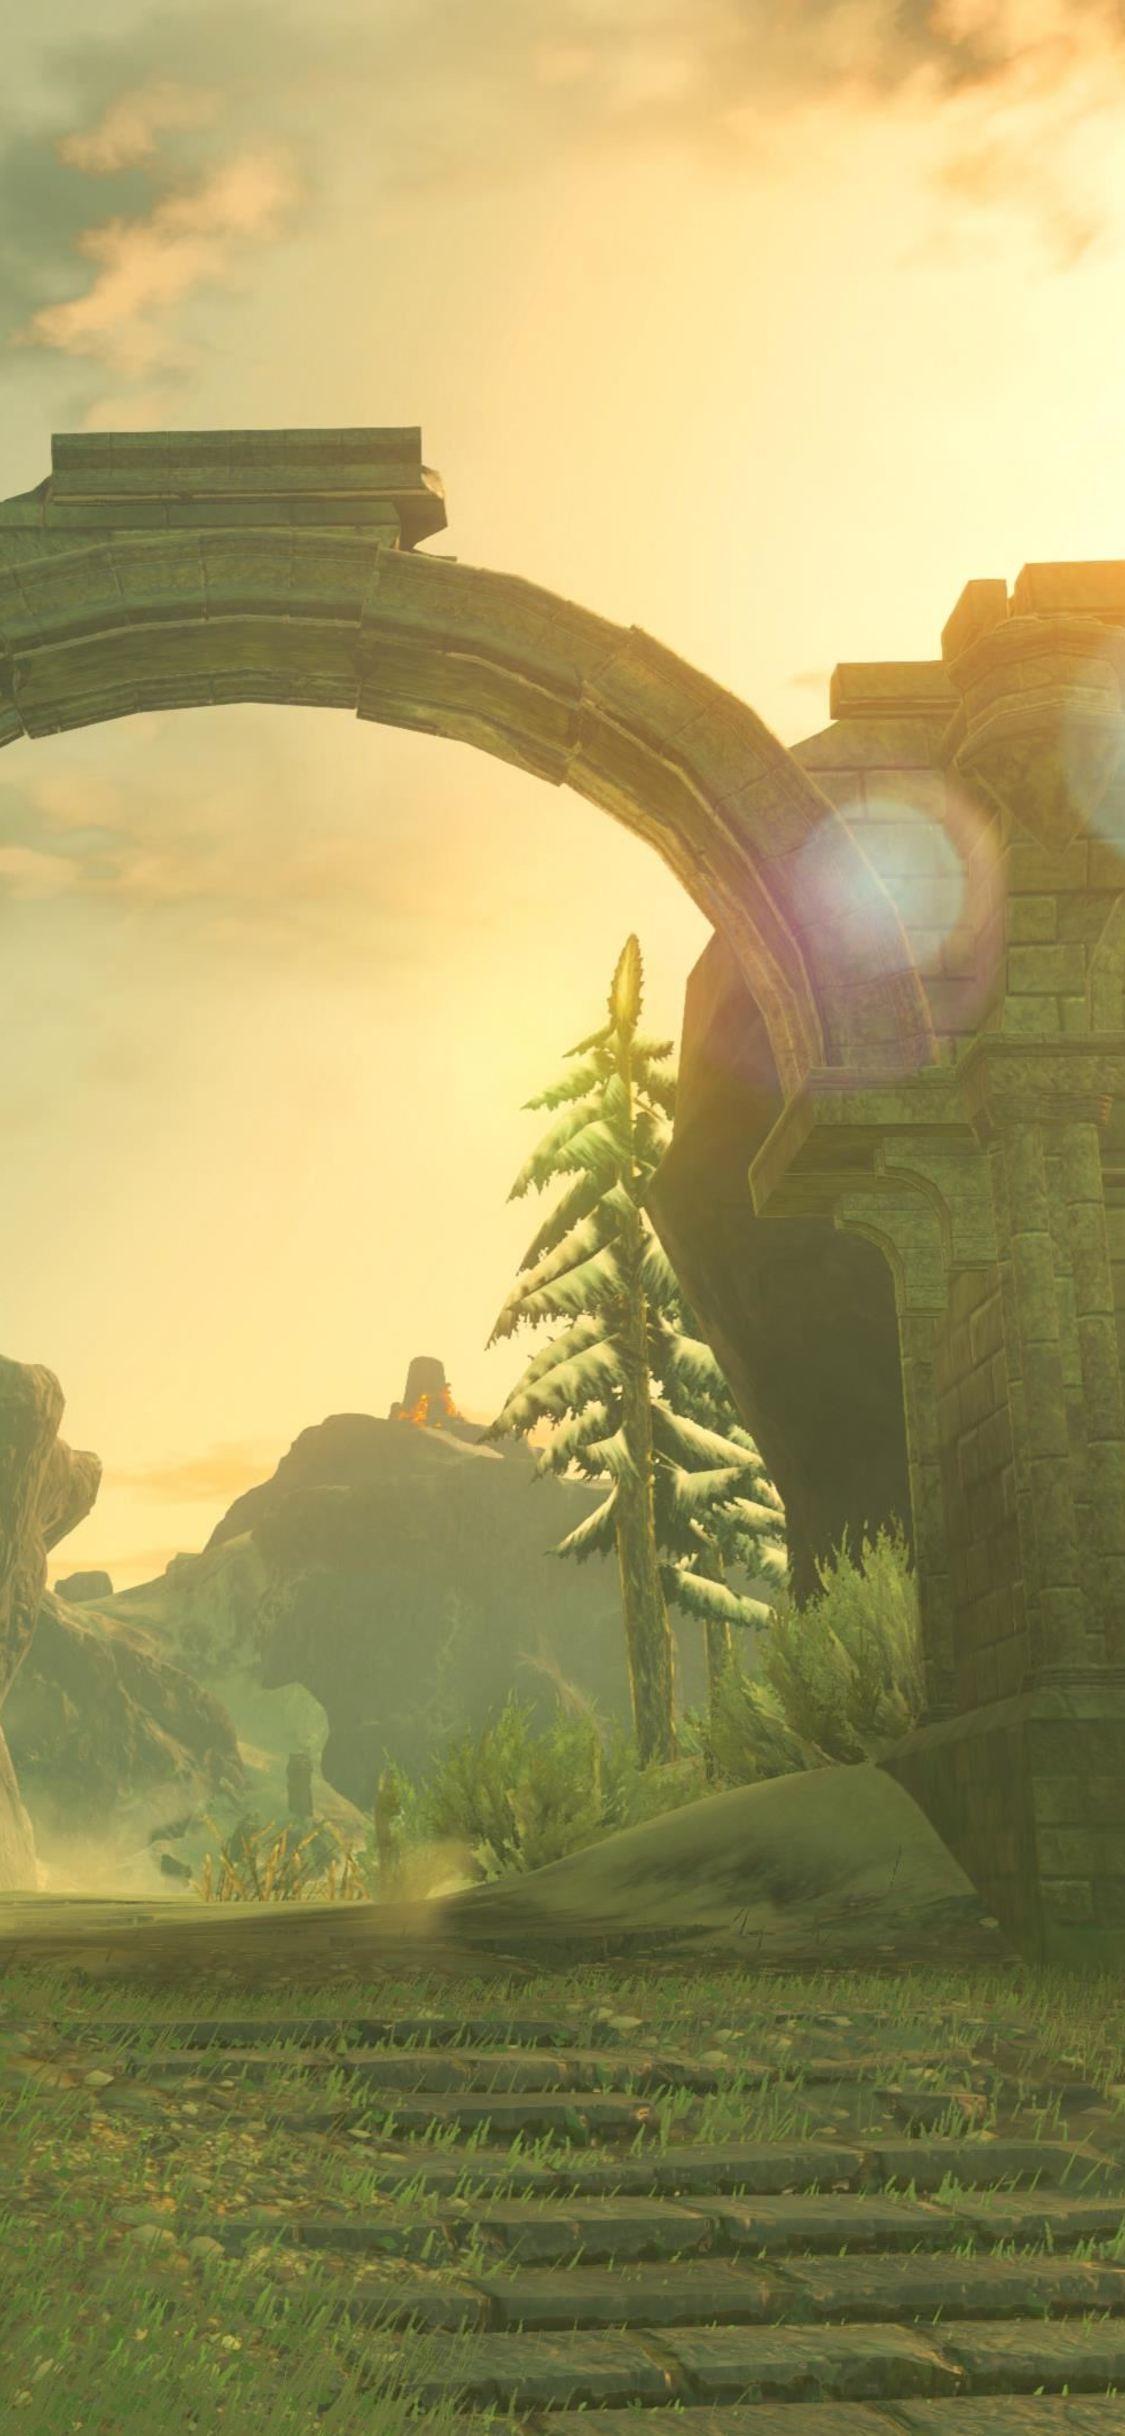 The Legend of Zelda iPhone Wallpapers  Top Free The Legend of Zelda iPhone Backgrounds